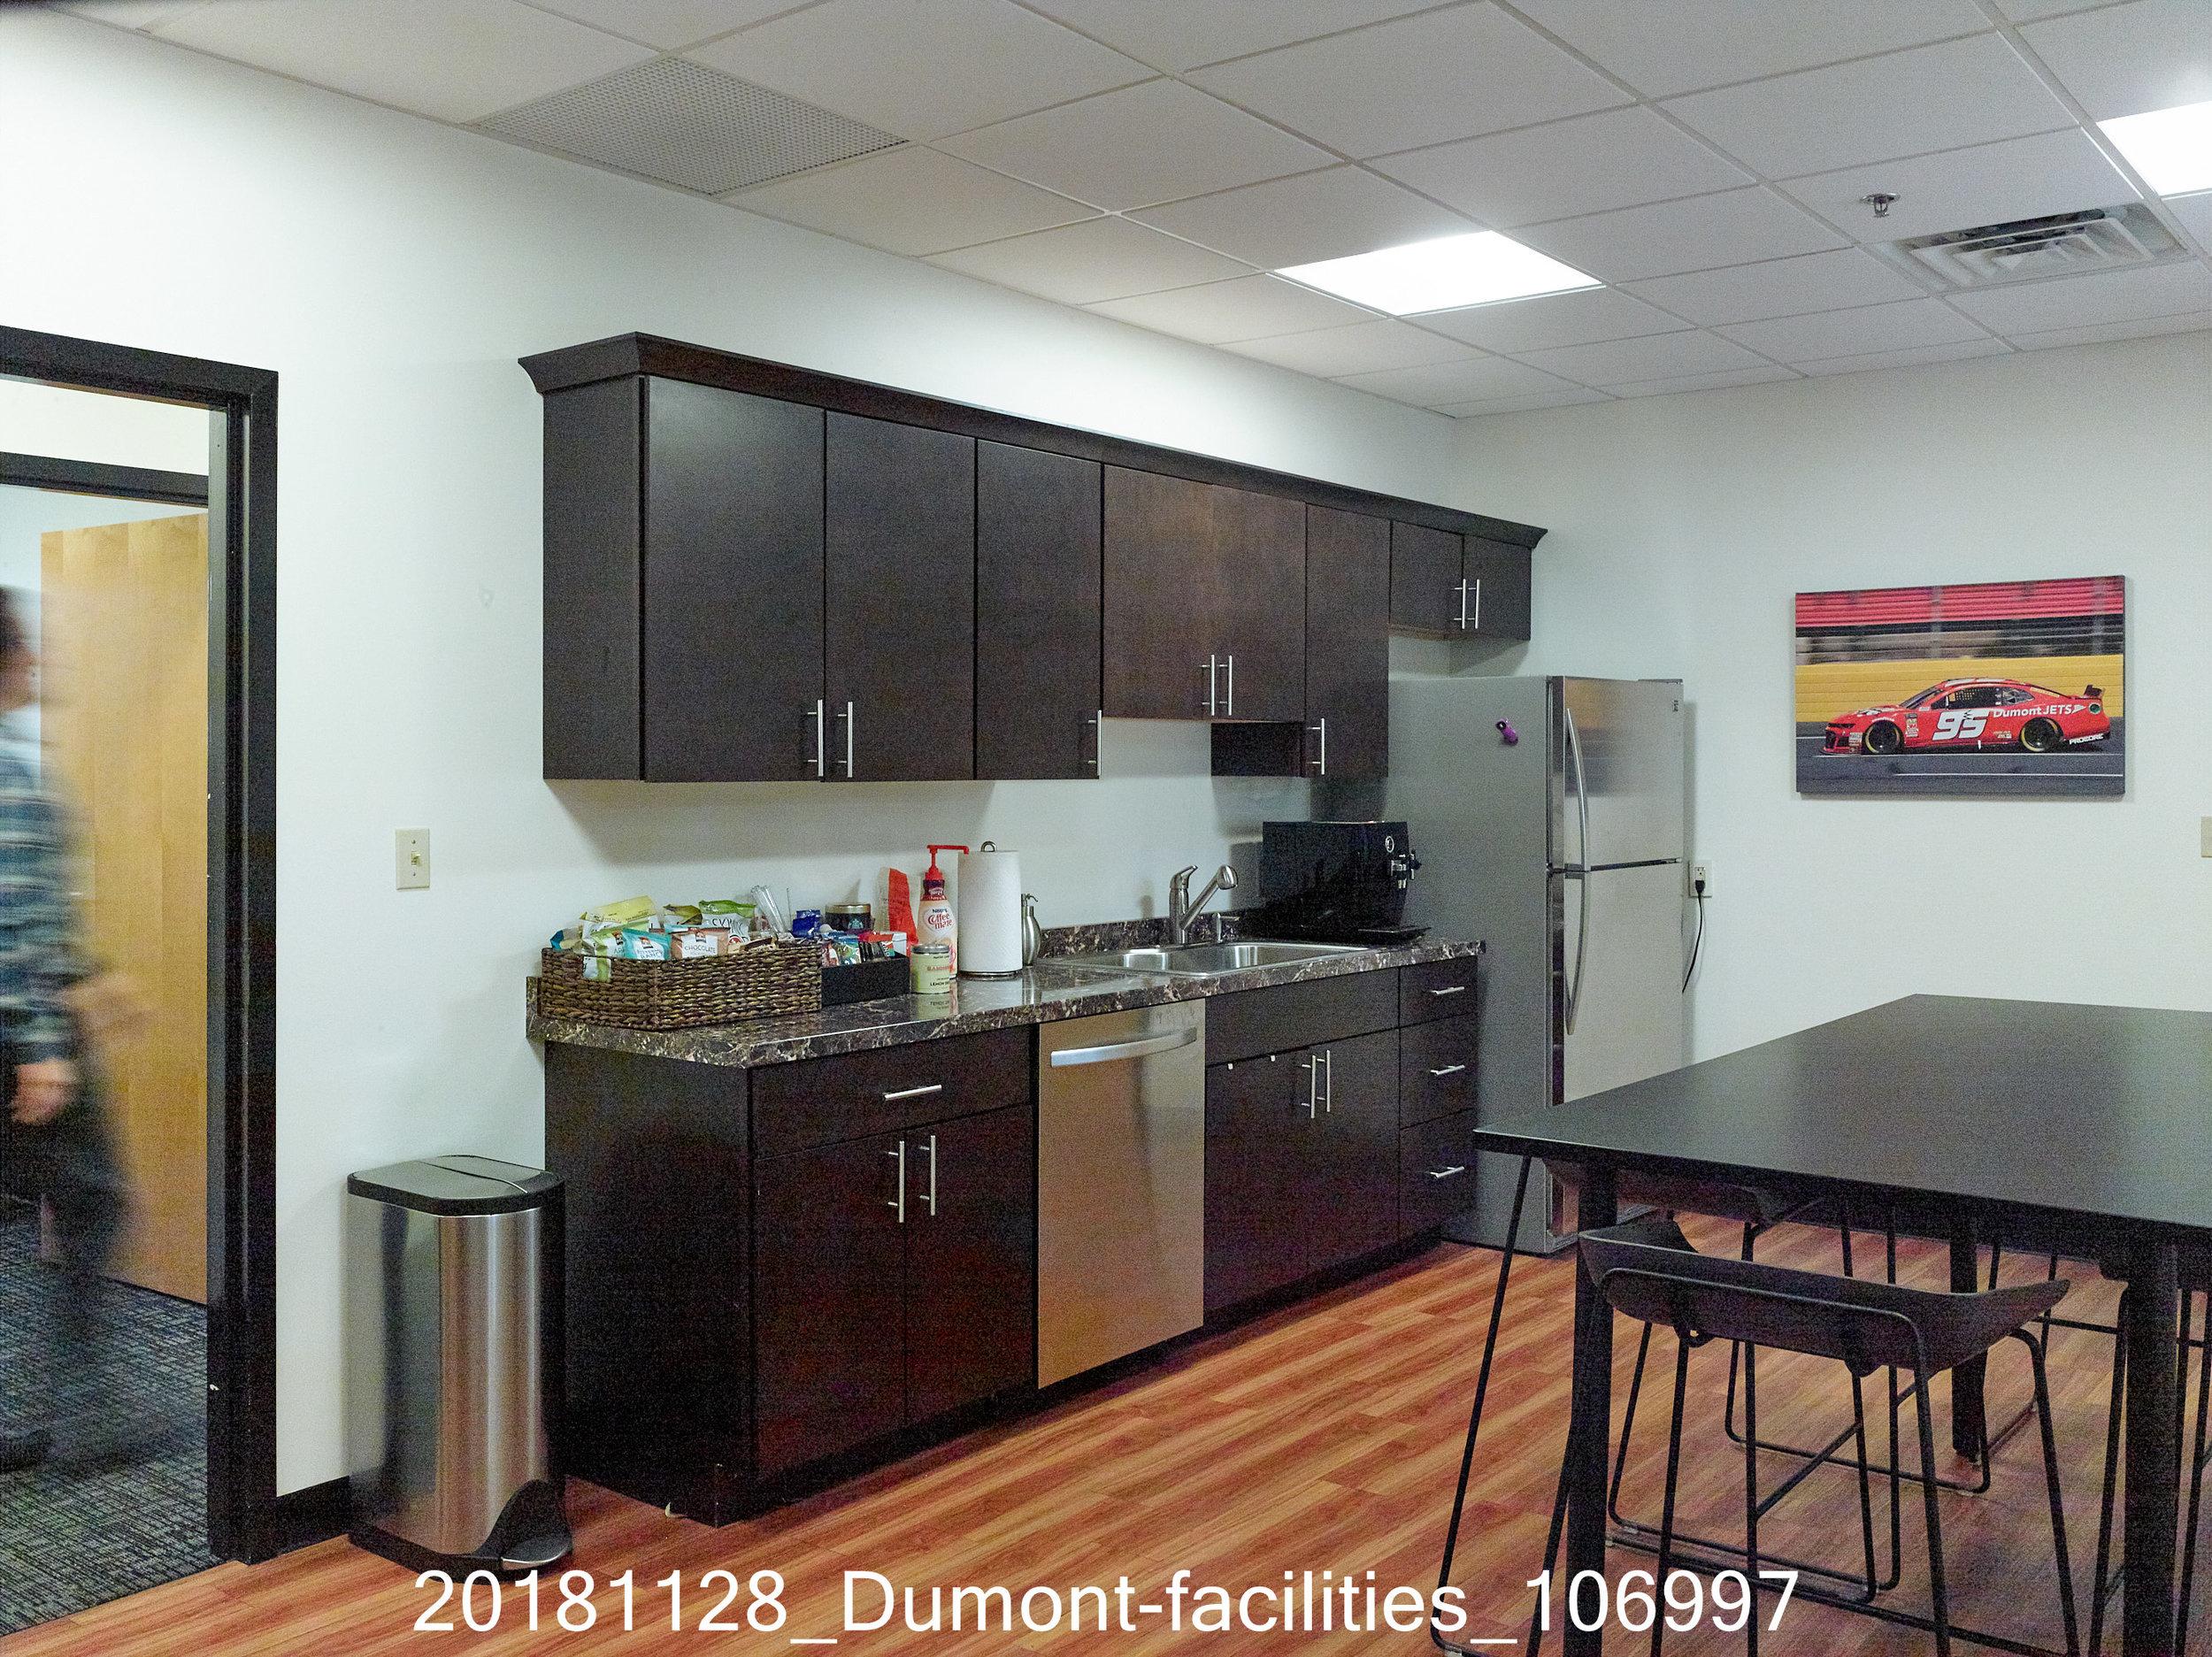 20181128_Dumont-facilities_106997.jpg